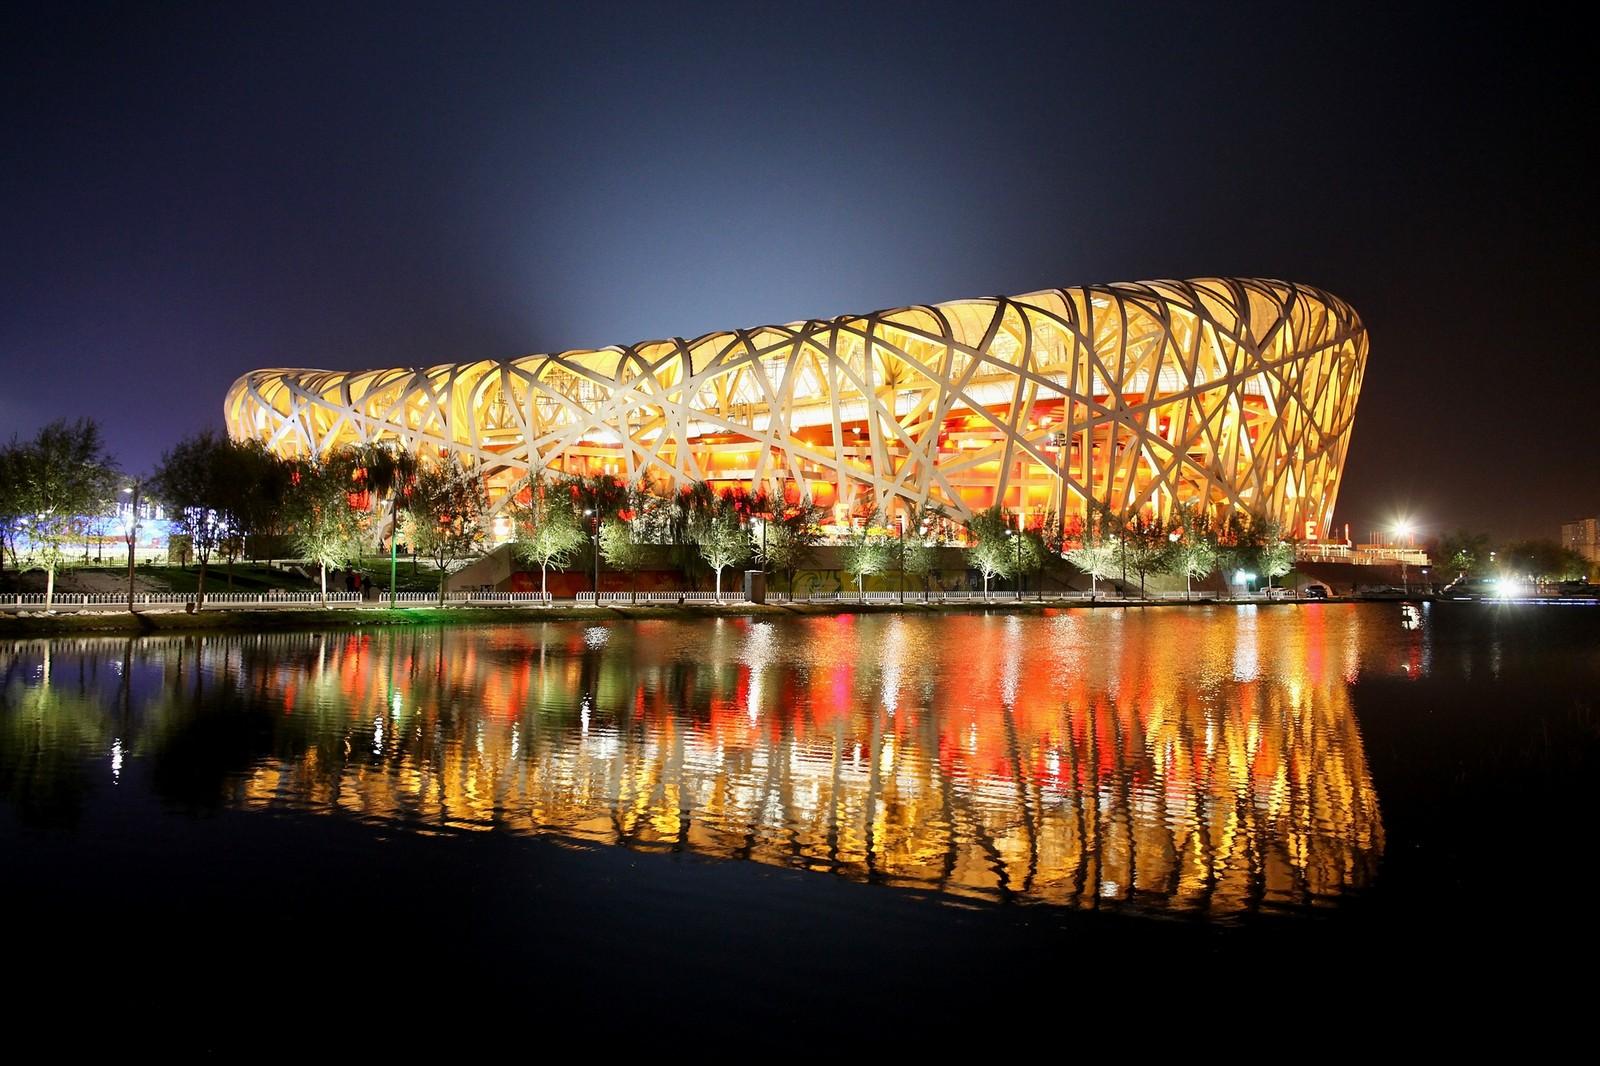 Estádio Ninho de Pássaro é fechado por causa da epidemia de coronavírus na China